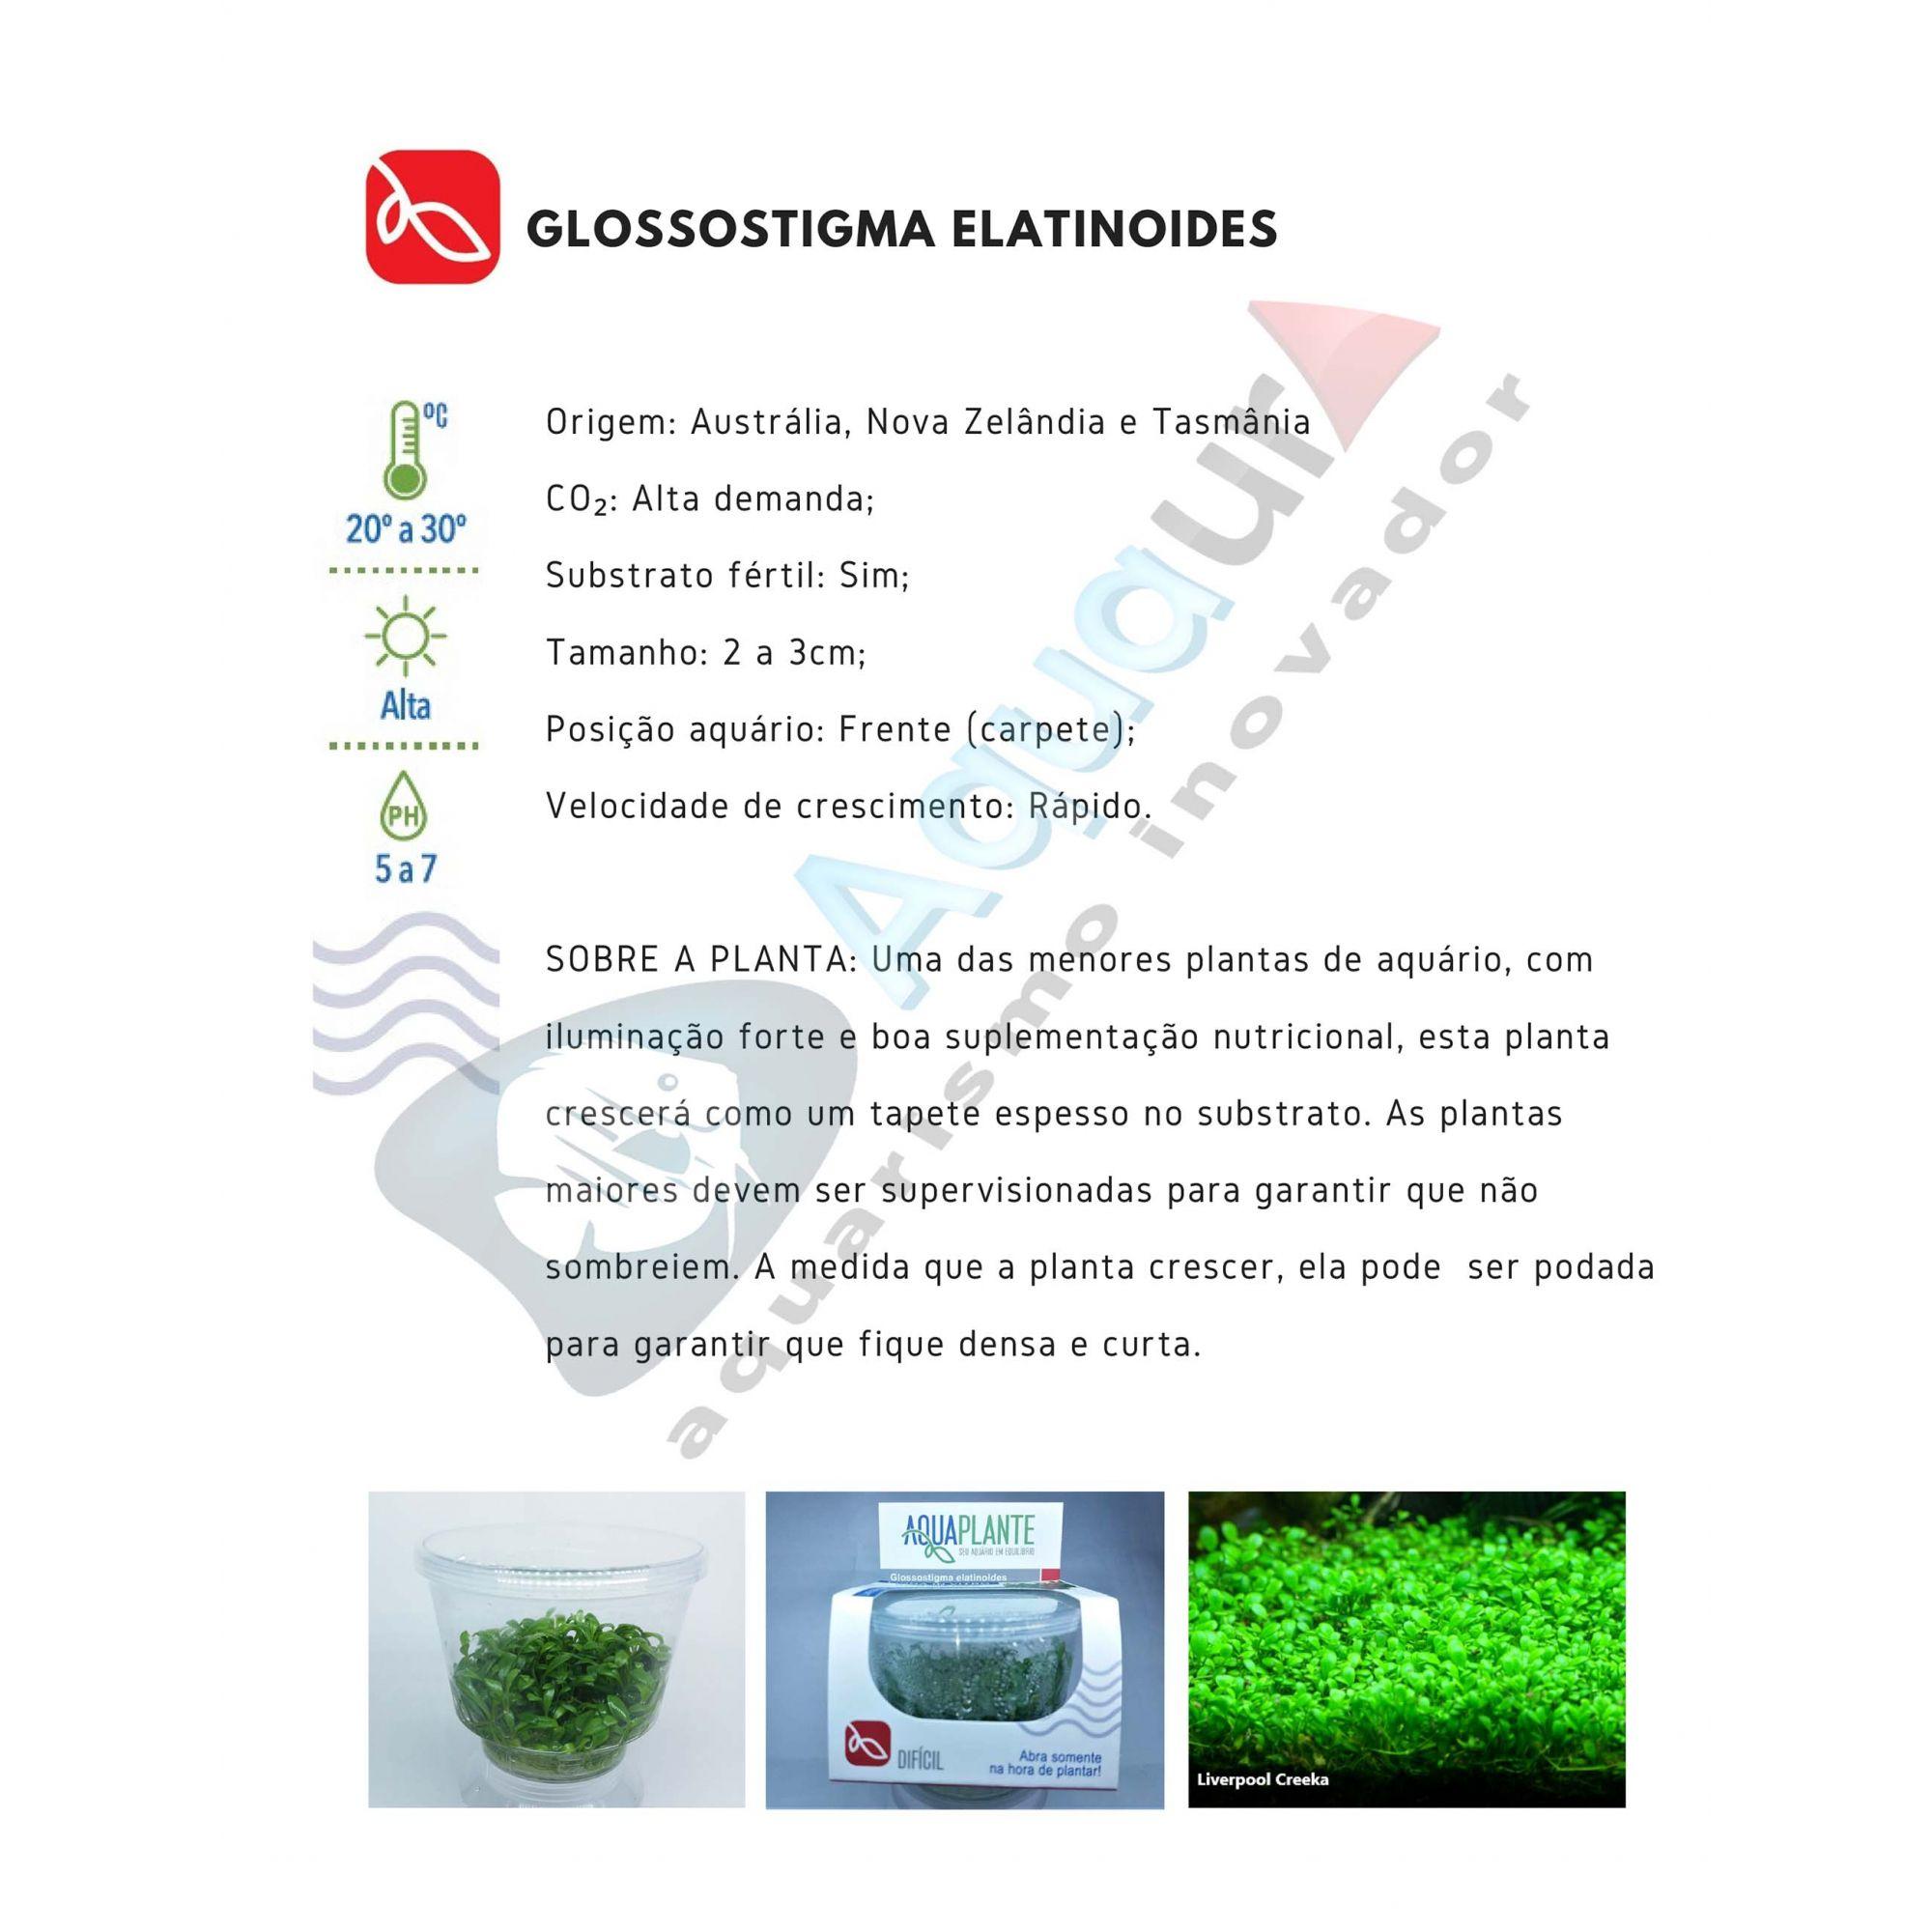 PLANTA NATURAL GLOSSOSTIGMA ELATINOIDES - AQUAPLANTE